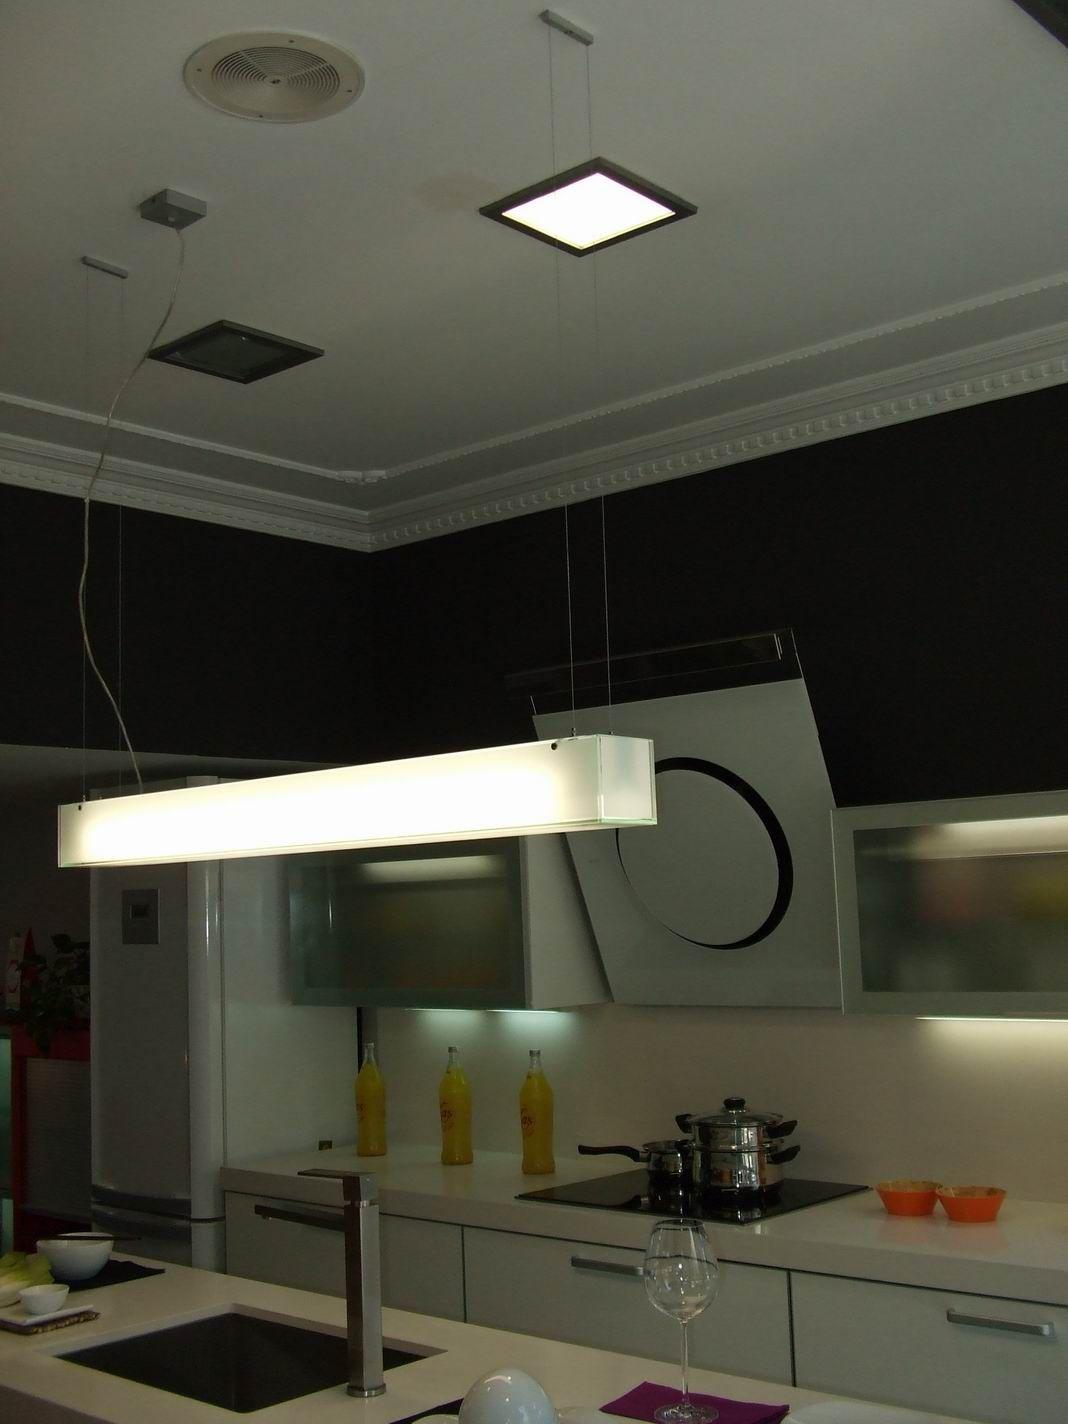 Proyecto iluminacion tienda muebles de cocina taralux - Iluminacion muebles cocina ...